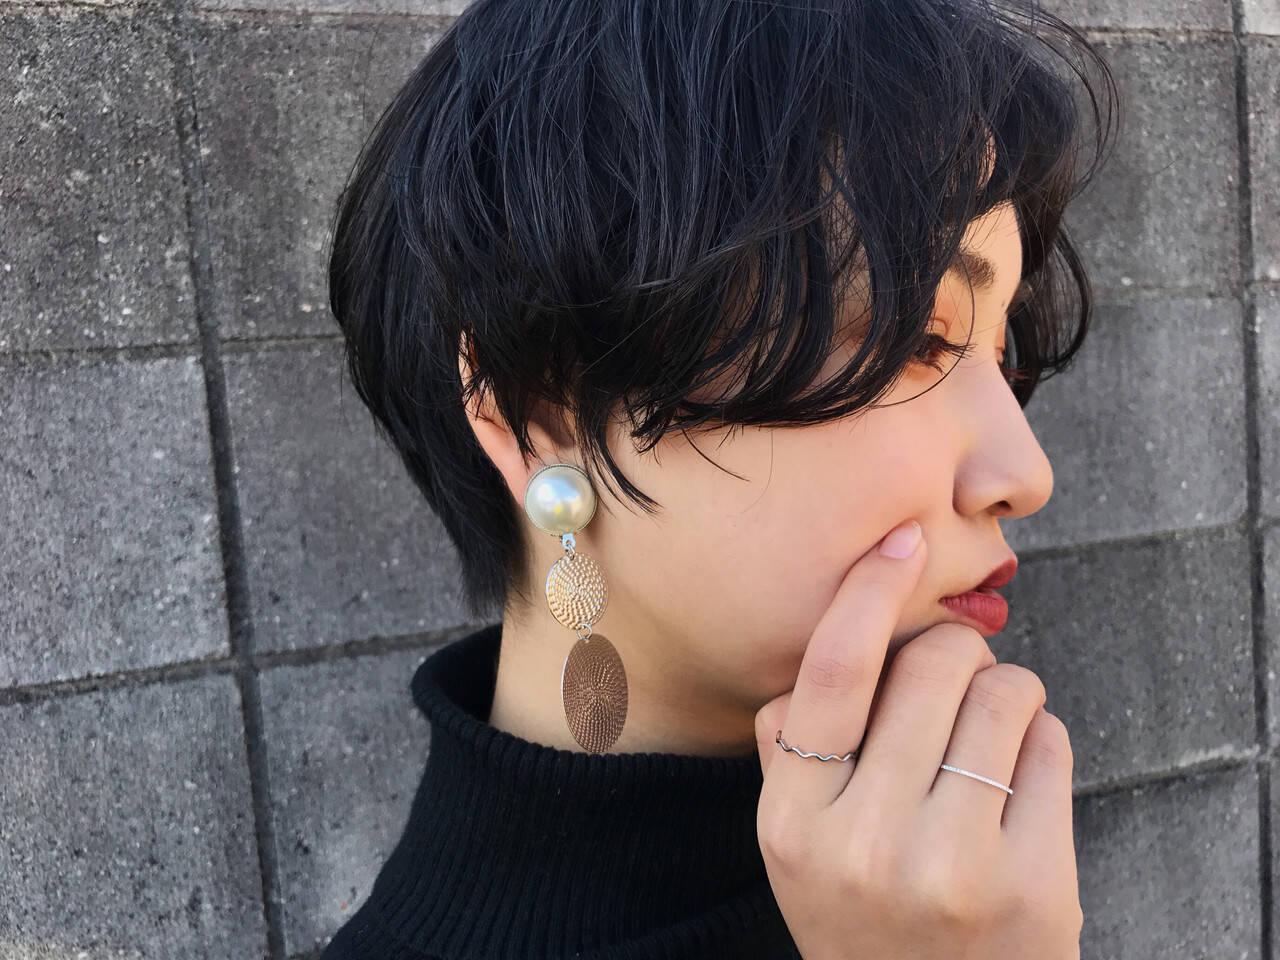 無造作パーマ 黒髪 ナチュラル ショートヘアスタイルや髪型の写真・画像